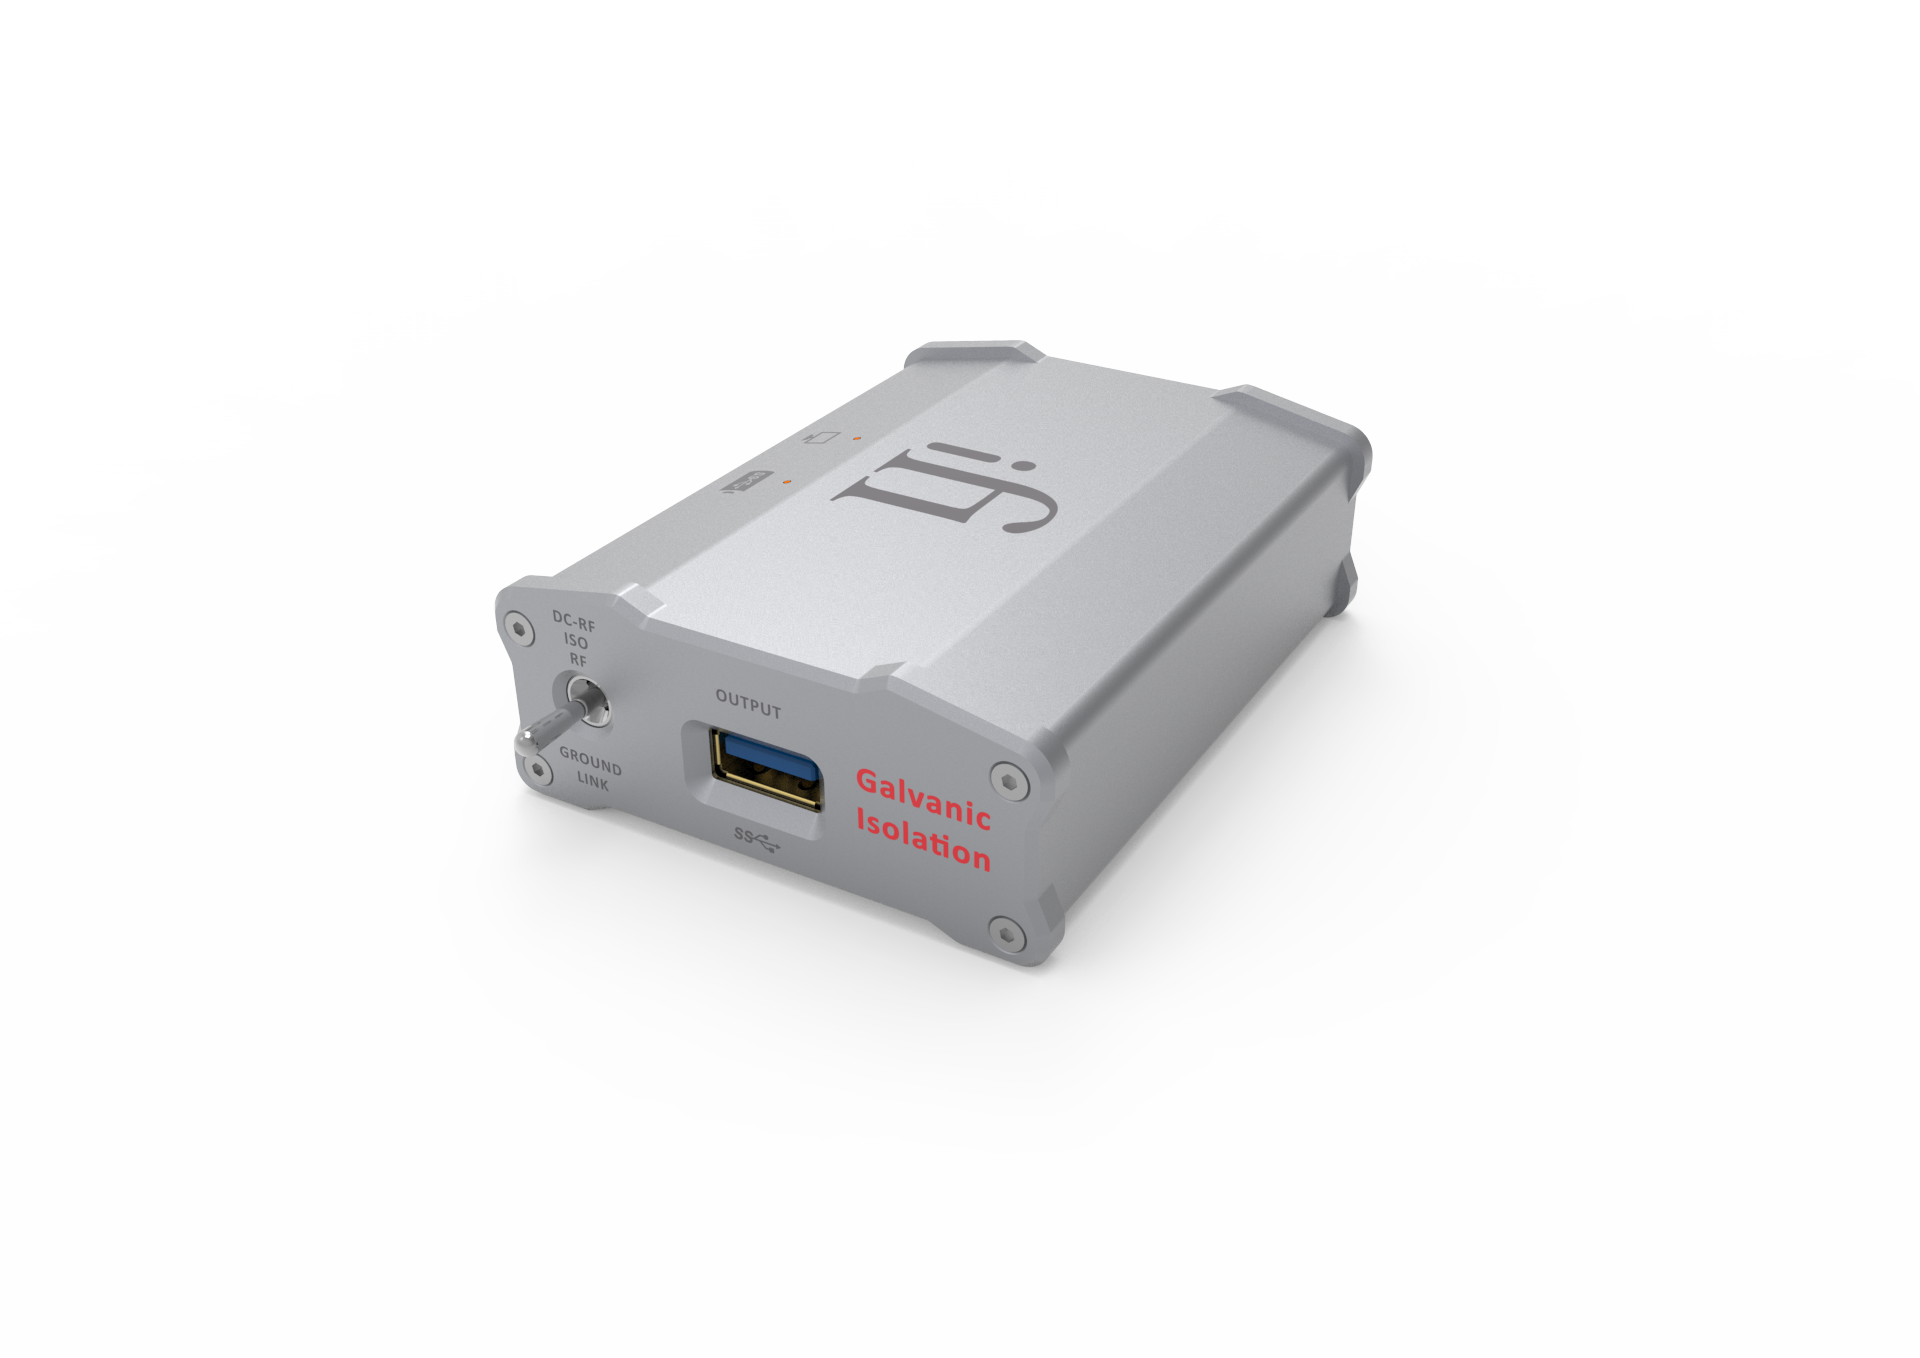 IFI Audio nano iGalvanic3.0 izolator galwaniczny